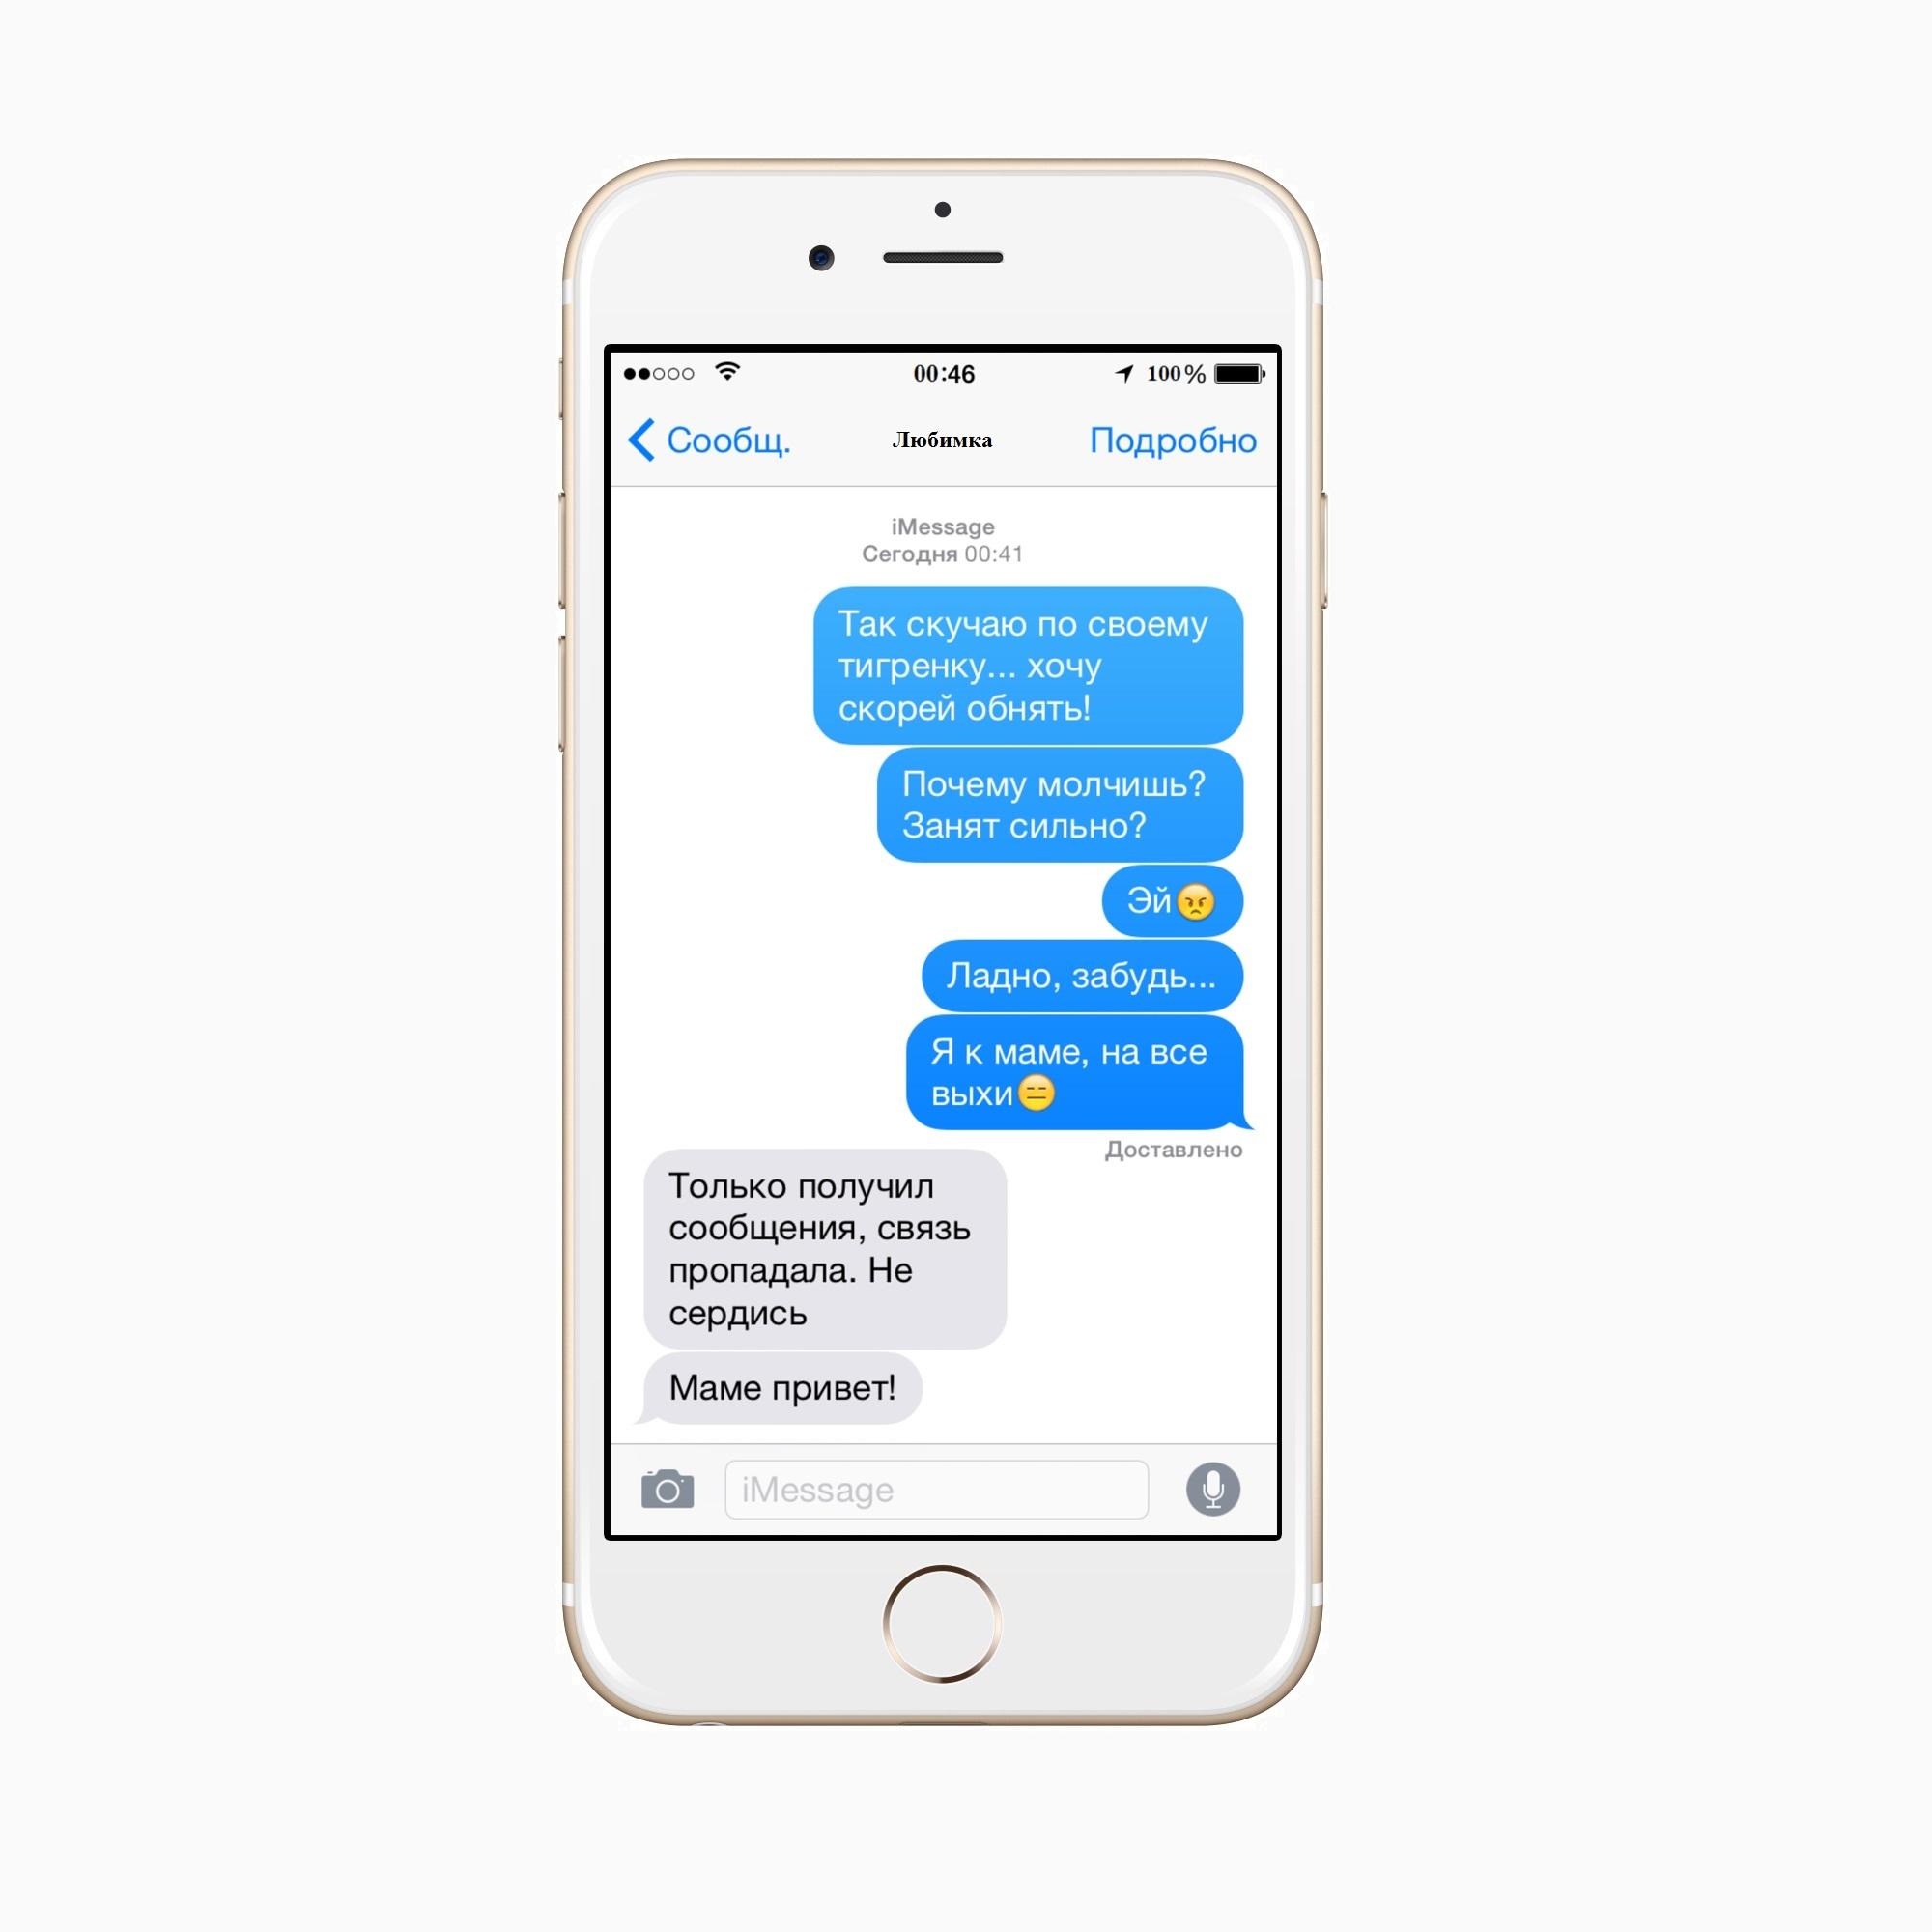 Как меняется СМС-переписка после свадьбы